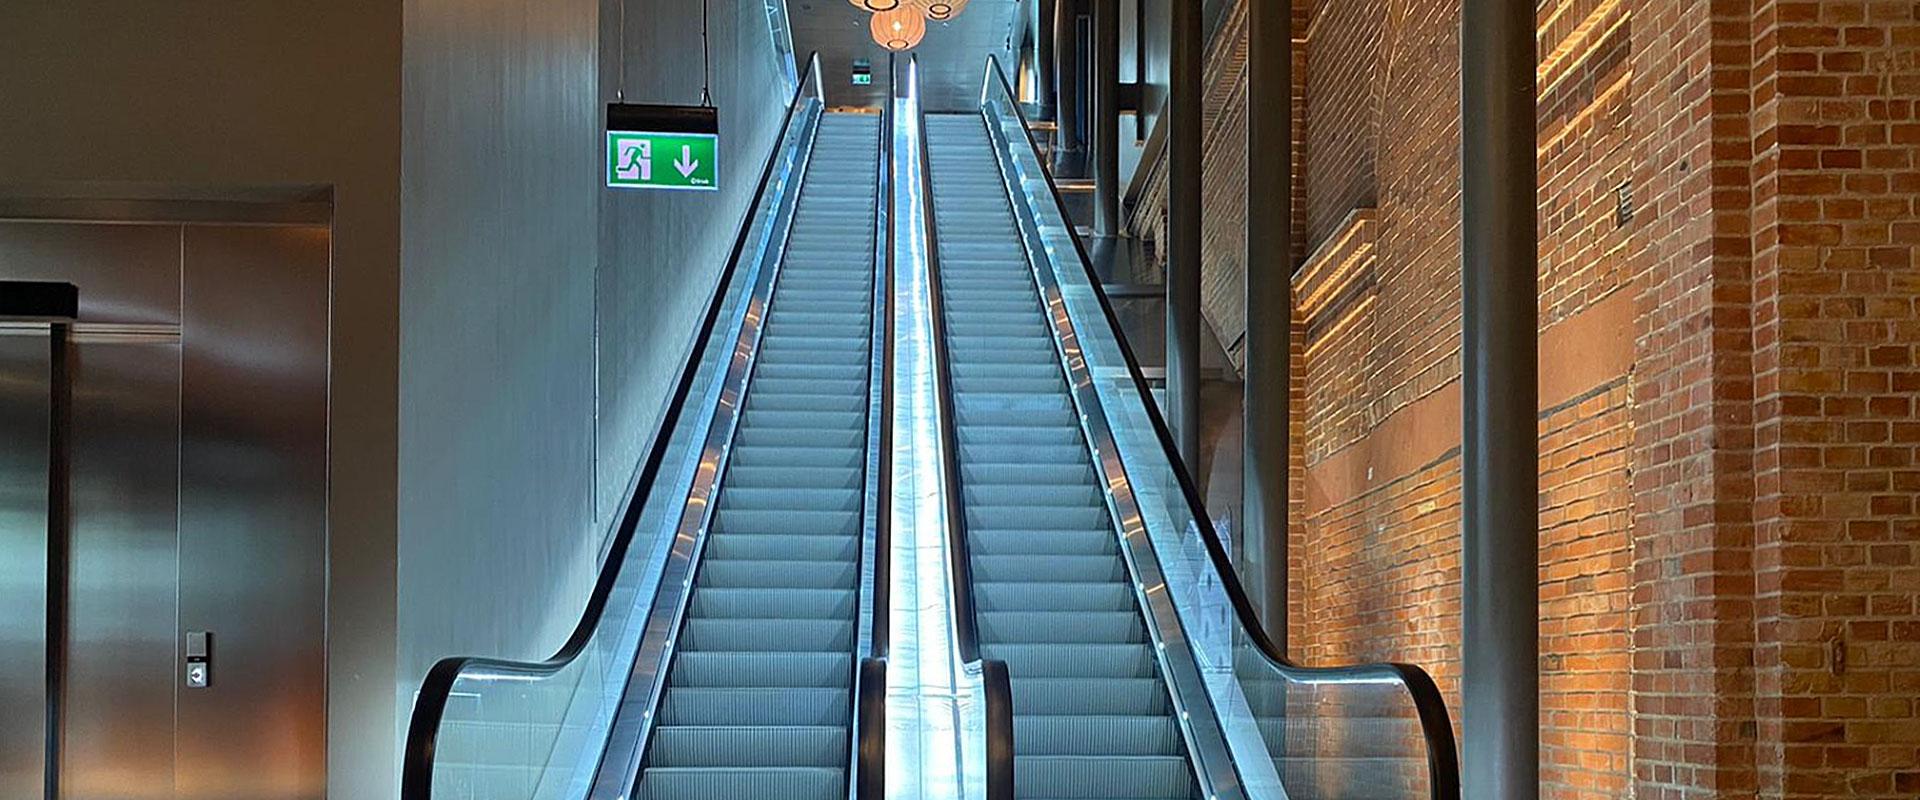 Mobilia shopping in Malmö